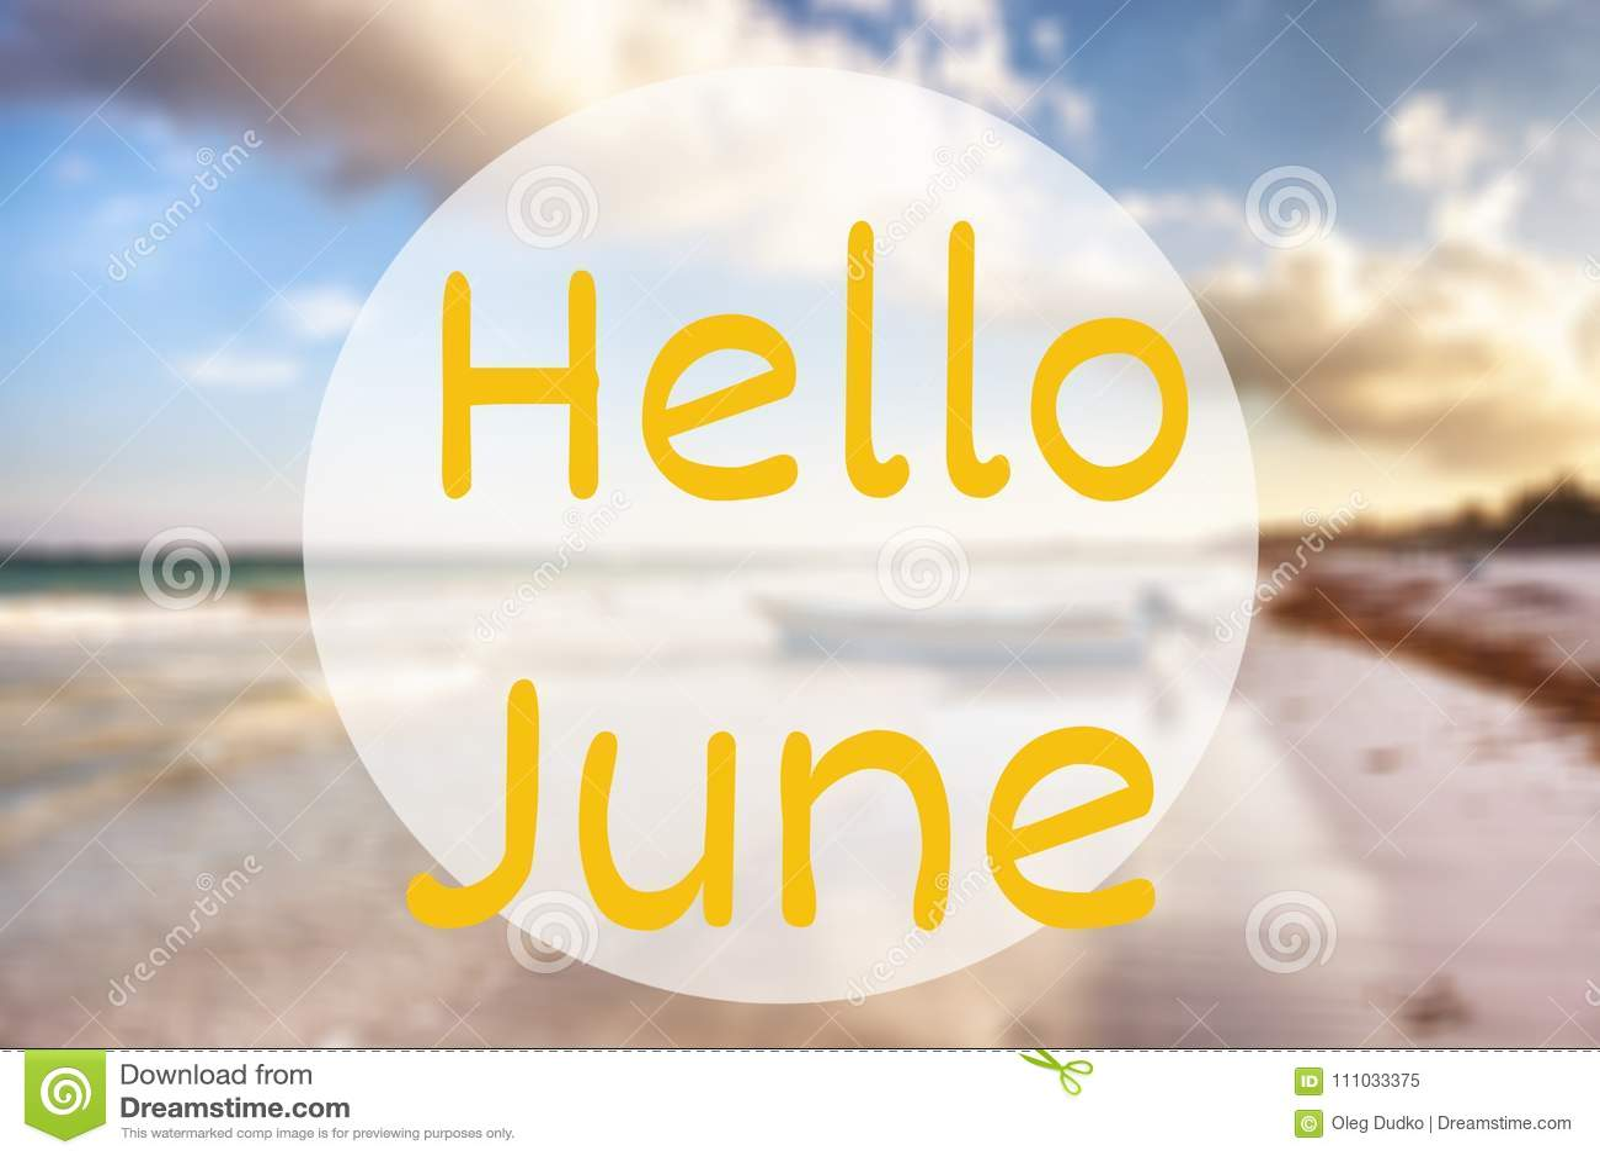 Здравствуйте! июнь